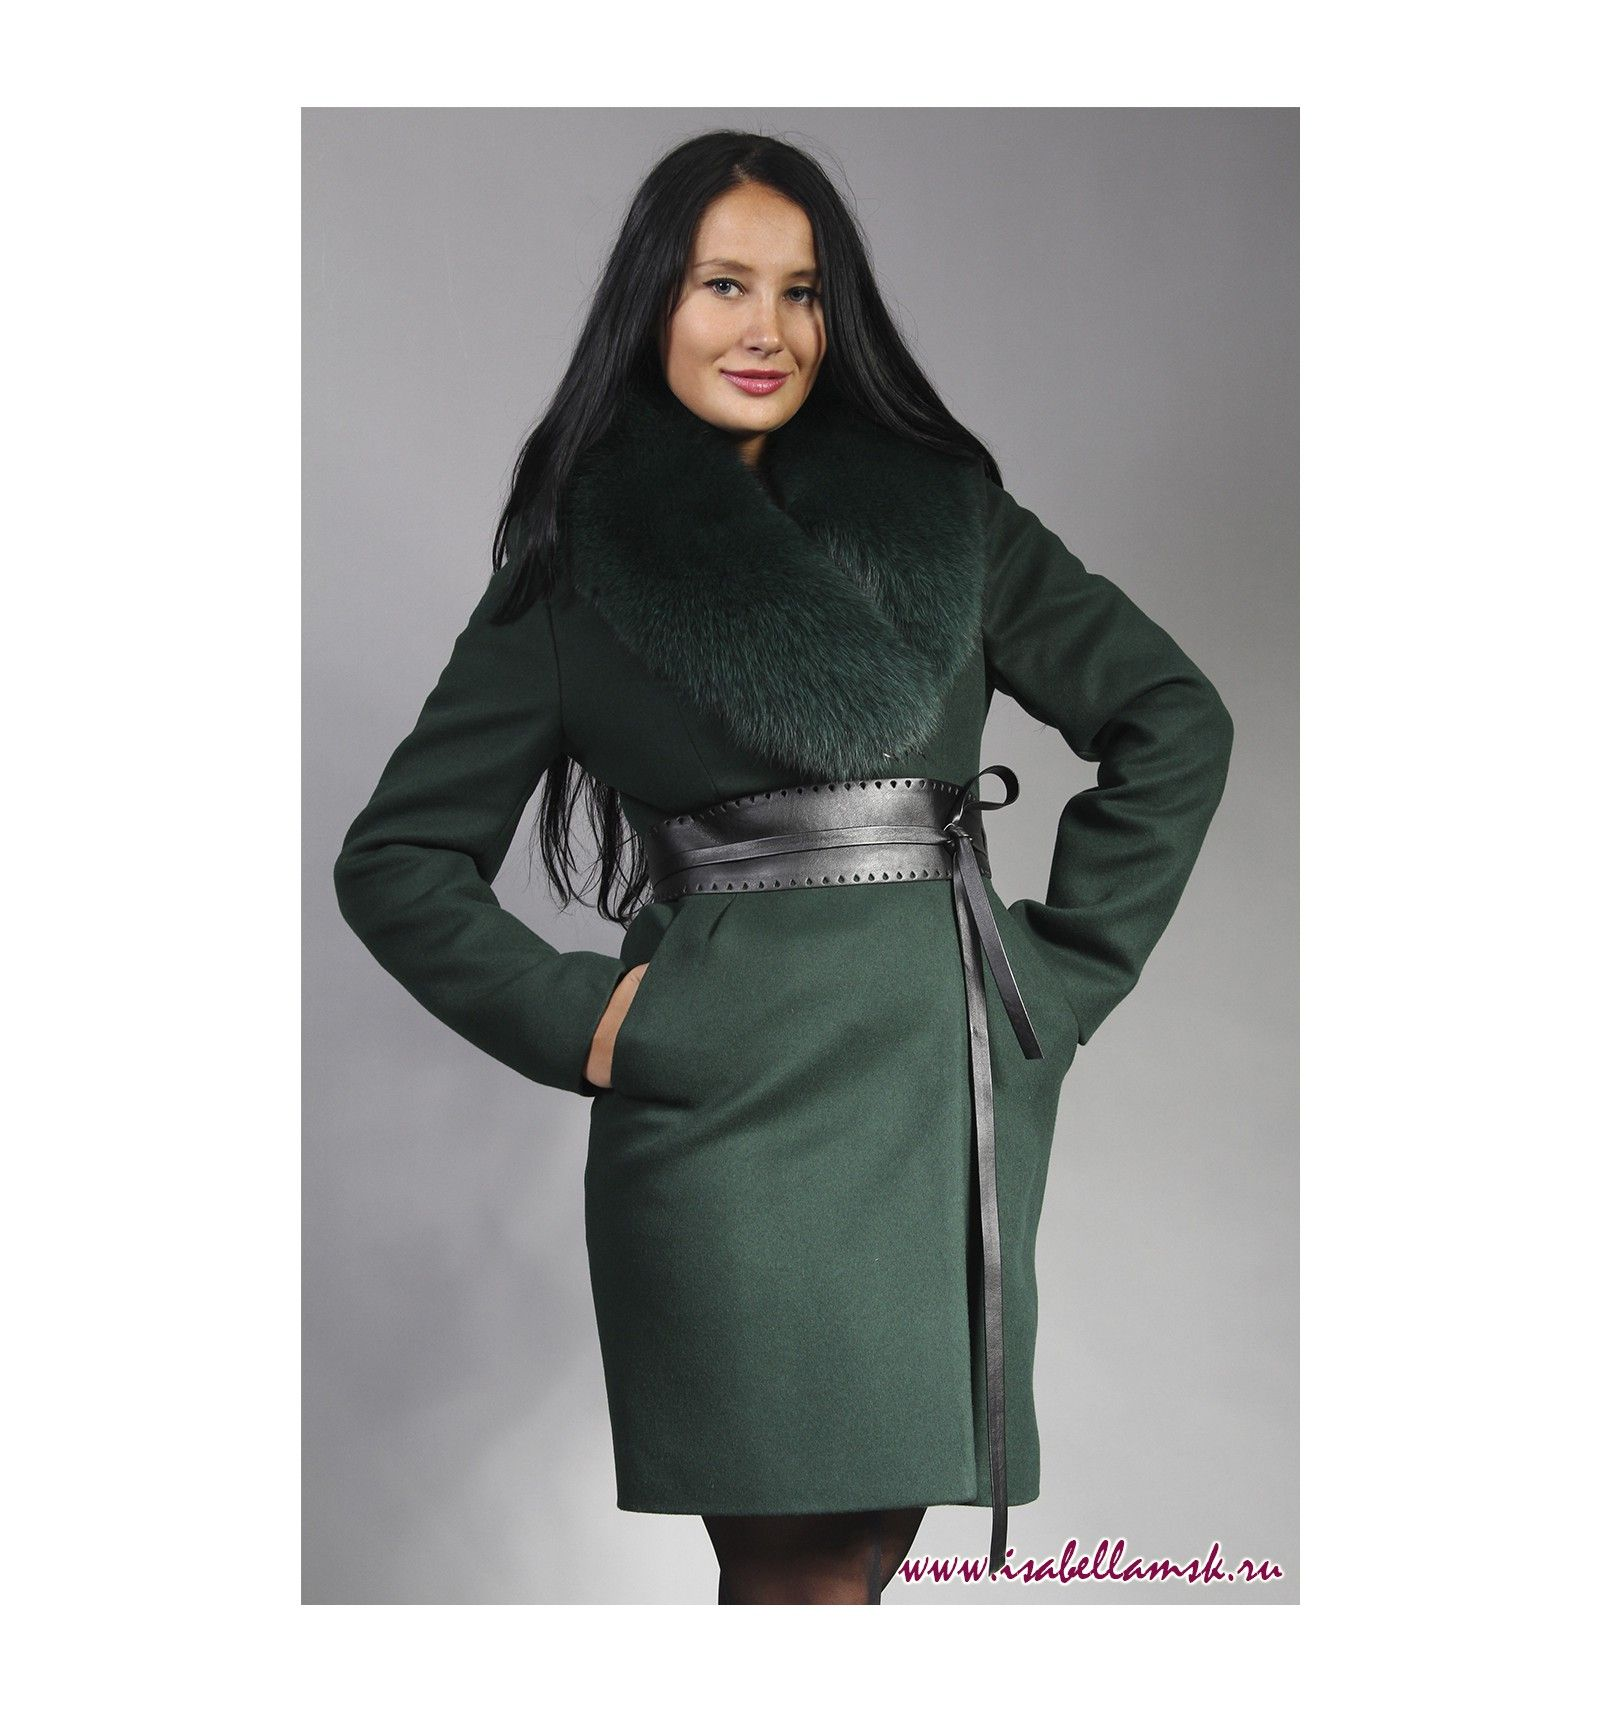 Зимнее женское пальто в москве